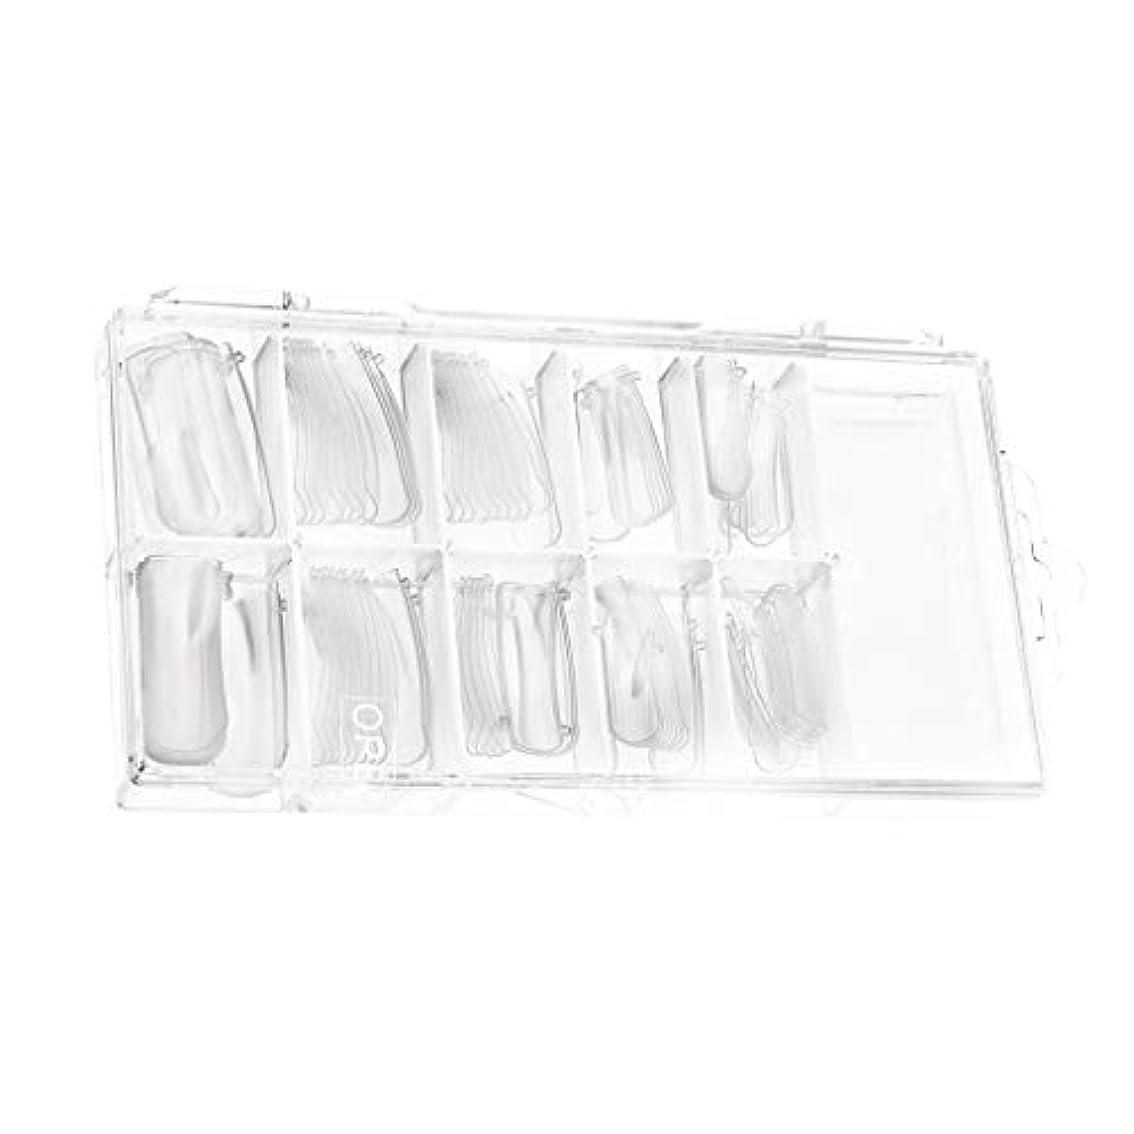 心臓カメラモザイクたくさん100棺ネイルクリアバレリーナネイルのヒントロングフルカバーアクリルネイル個人用または業務用(クリア)用10サイズ